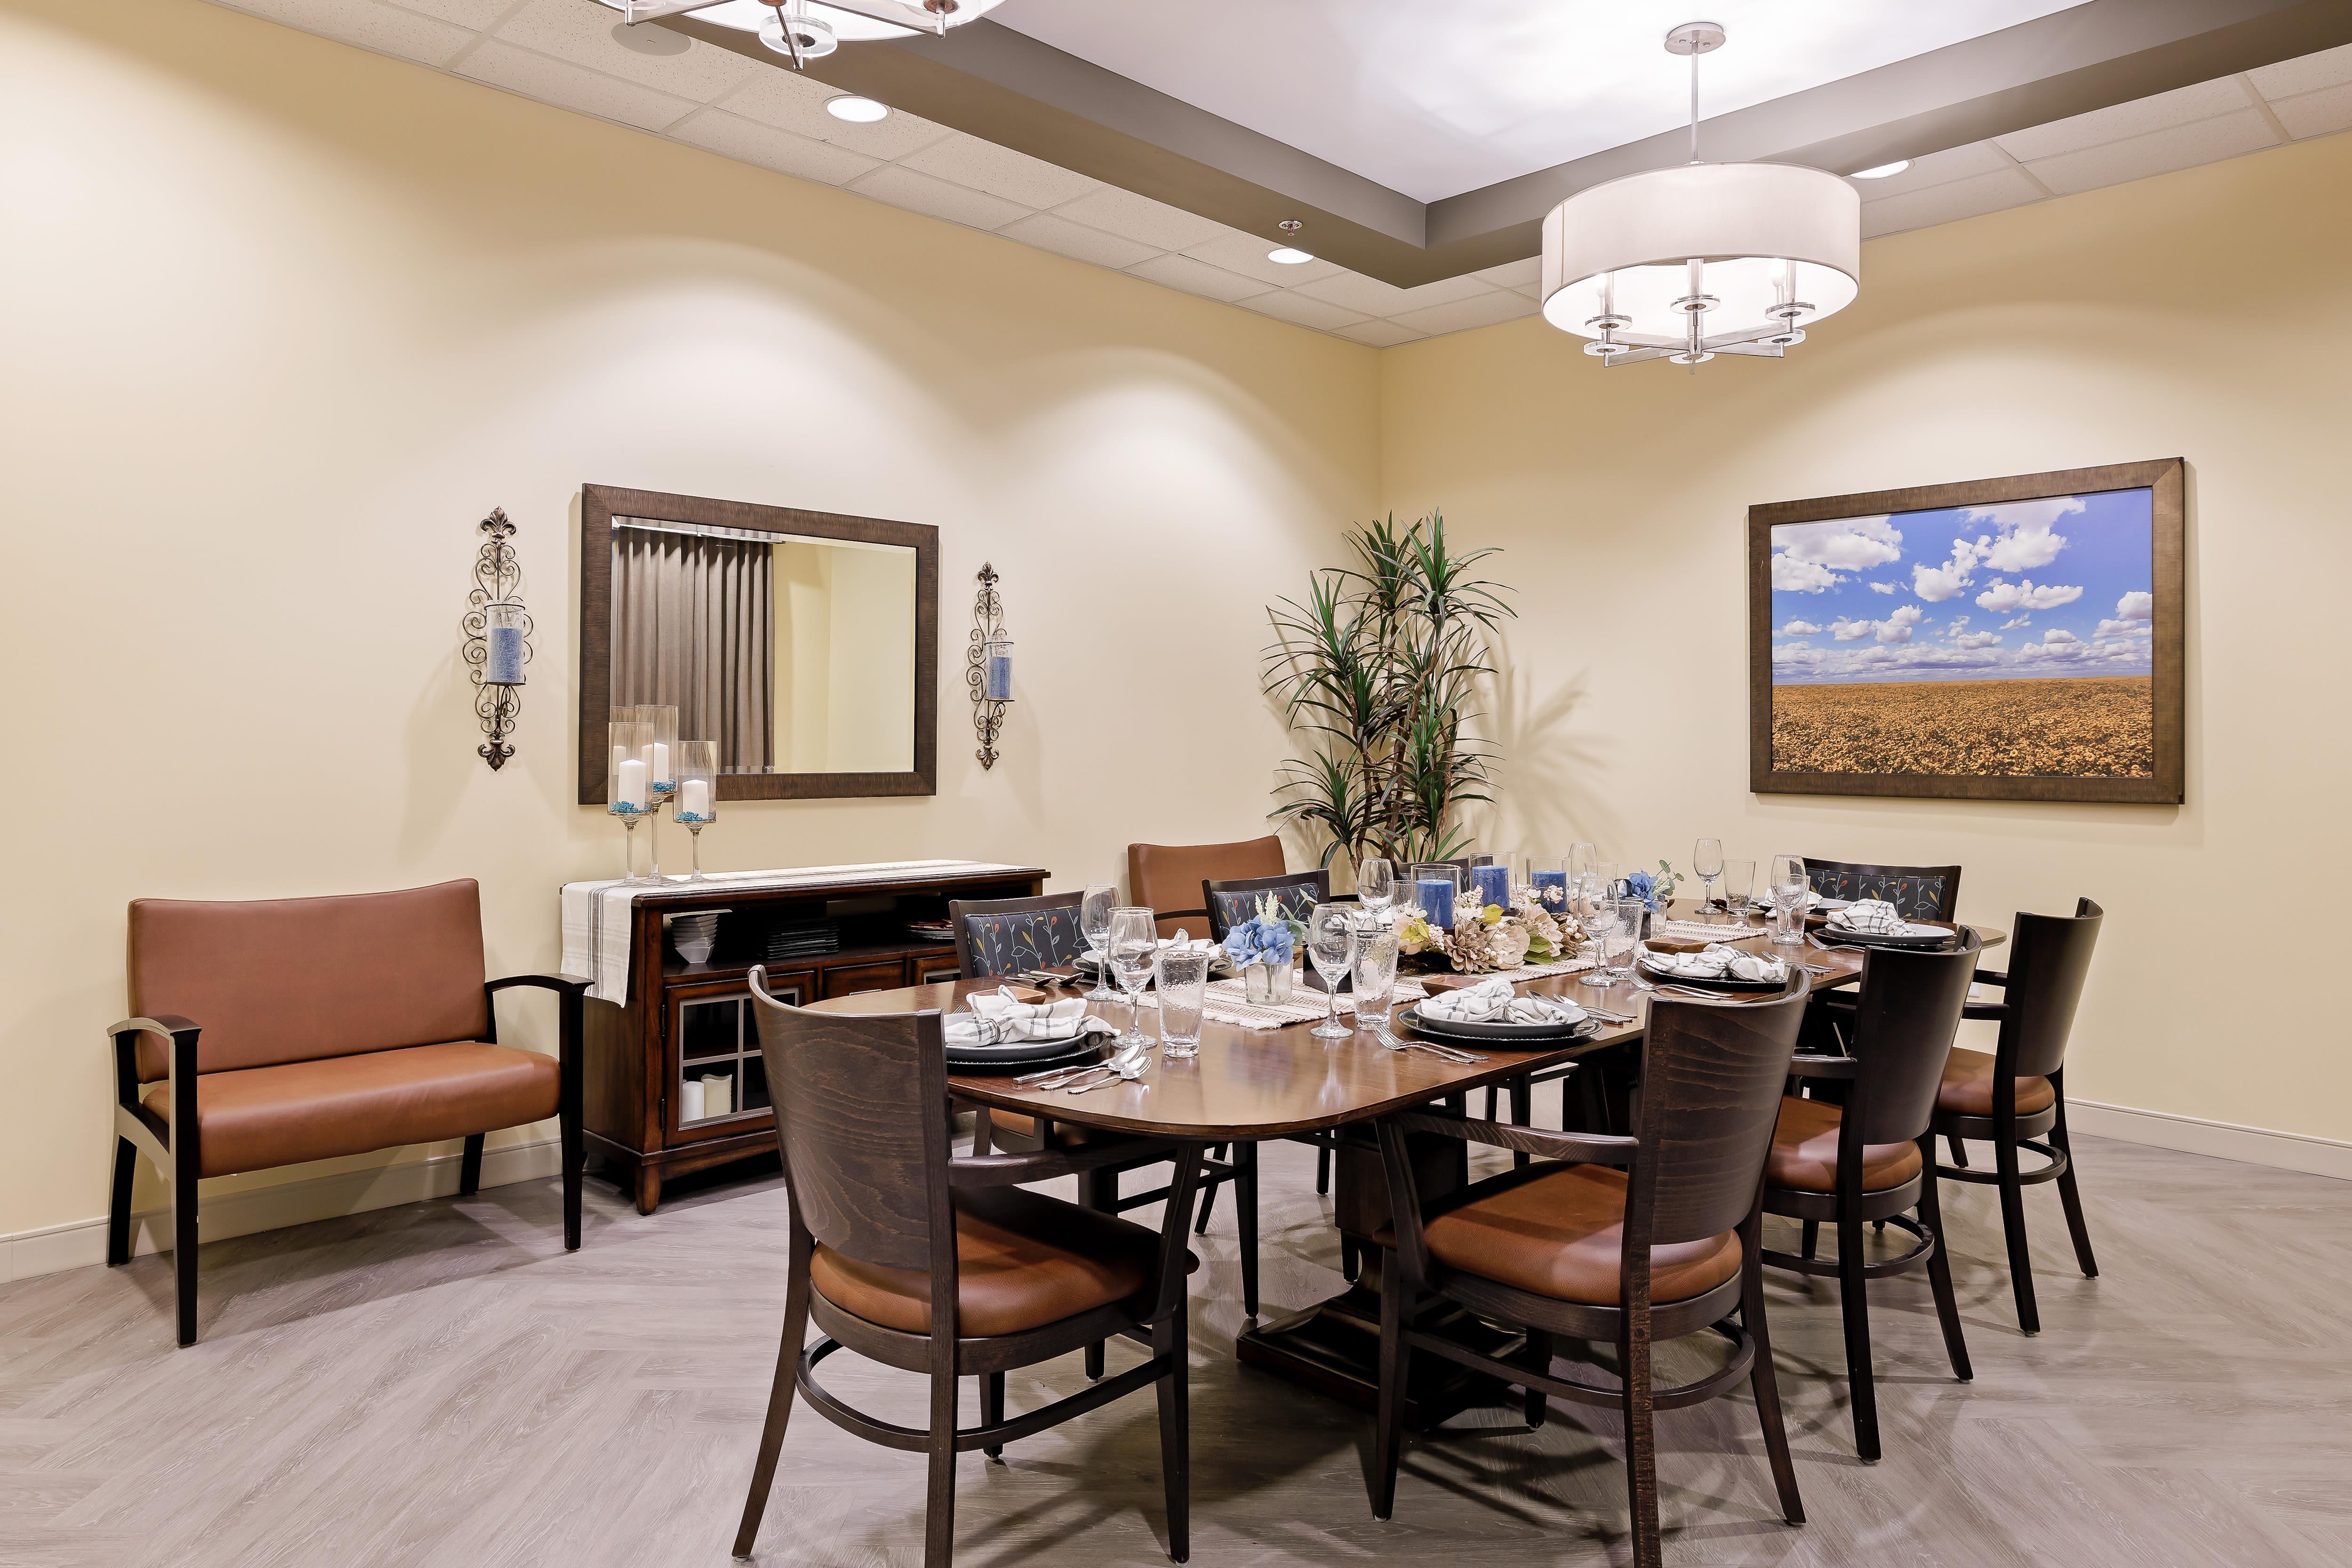 Private Dining at Anthology of Olathe in Olathe, Kansas